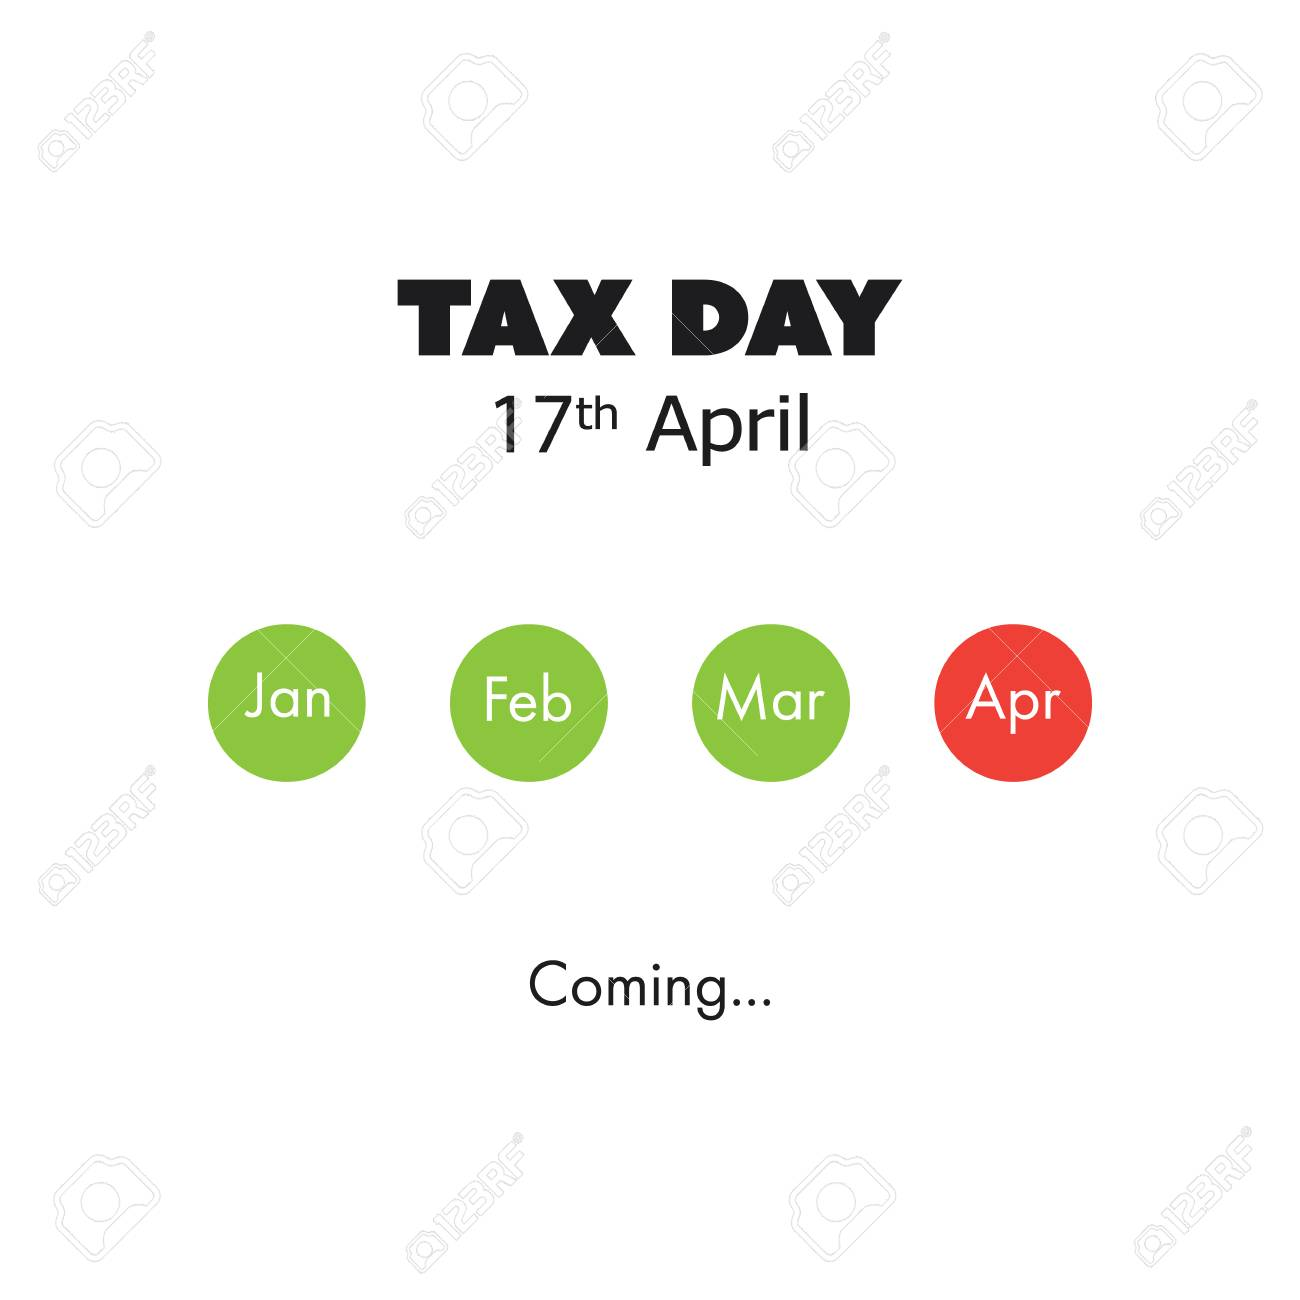 Llega El Día Del Impuesto, Plantilla De Diseño - Fecha Límite De ...